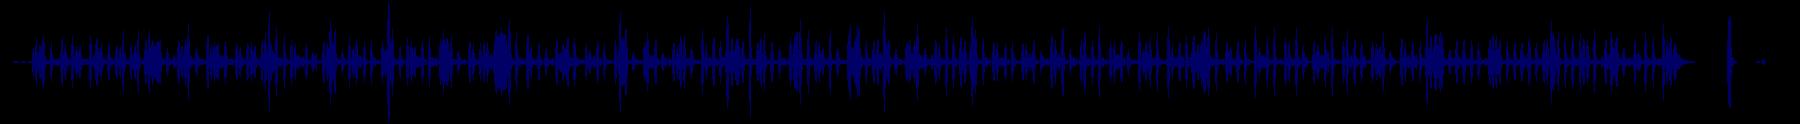 waveform of track #72562